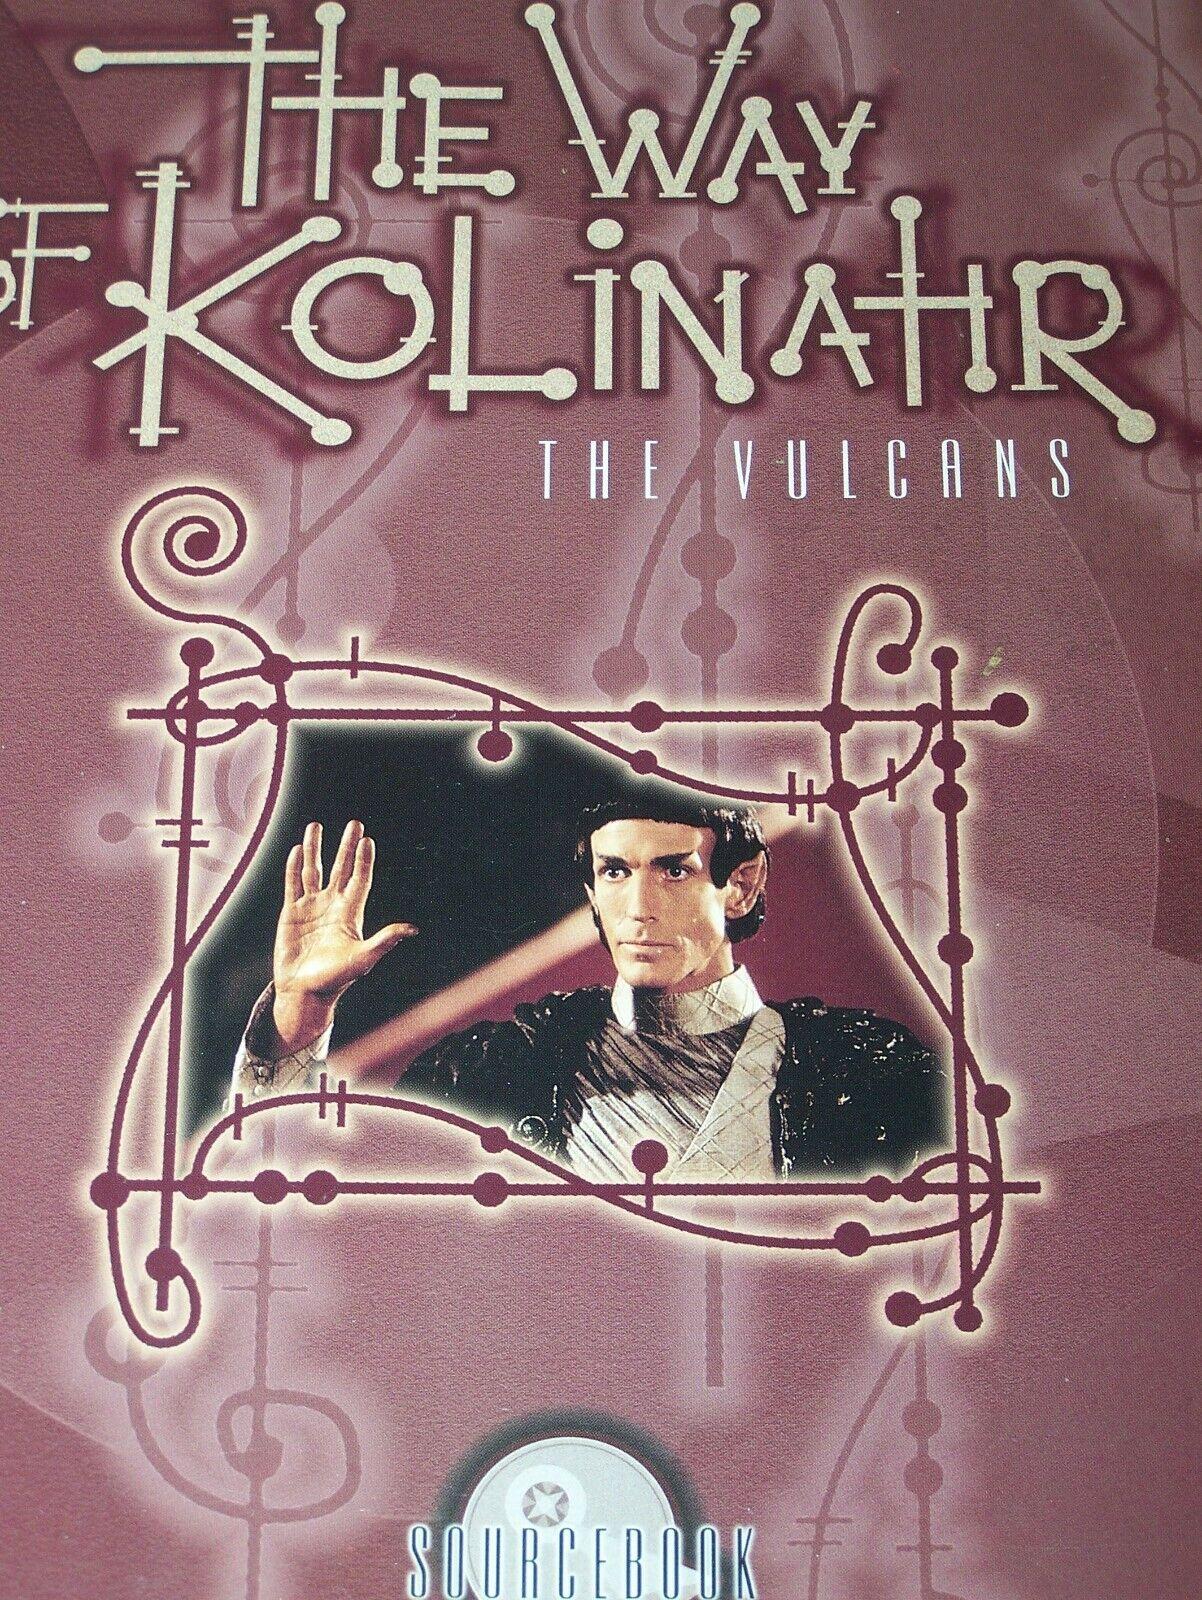 Estrella Trek RPG Last Unicorn giocos  (5) Way of Kolinahr The Vulcans Core gioco +more  negozio di sconto